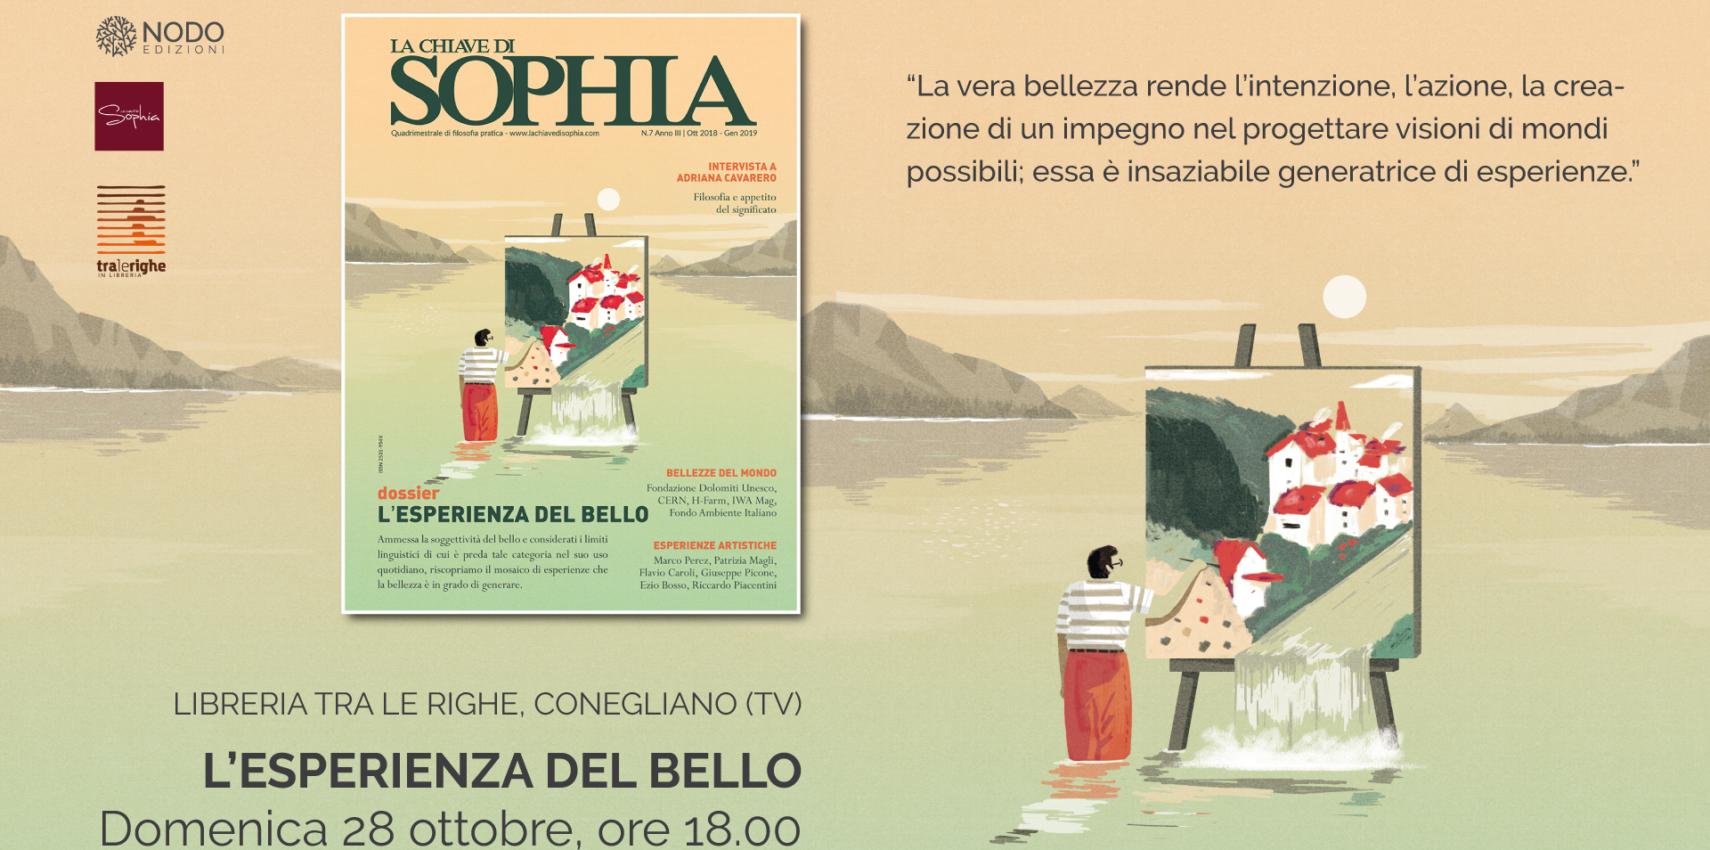 Lesperienza Del Bello La Chiave Di Sophia 7 Conegliano